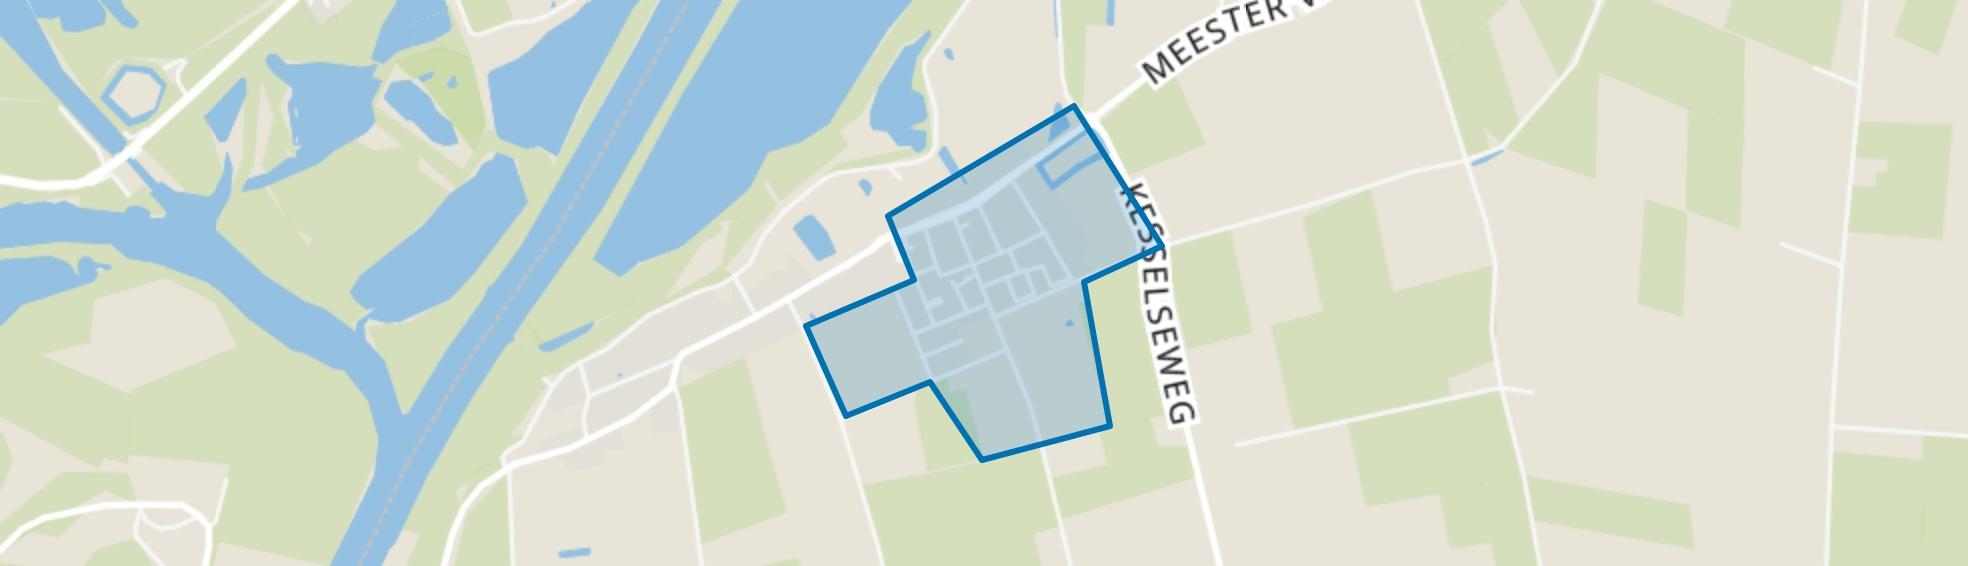 Maren-Kessel, Maren-Kessel map